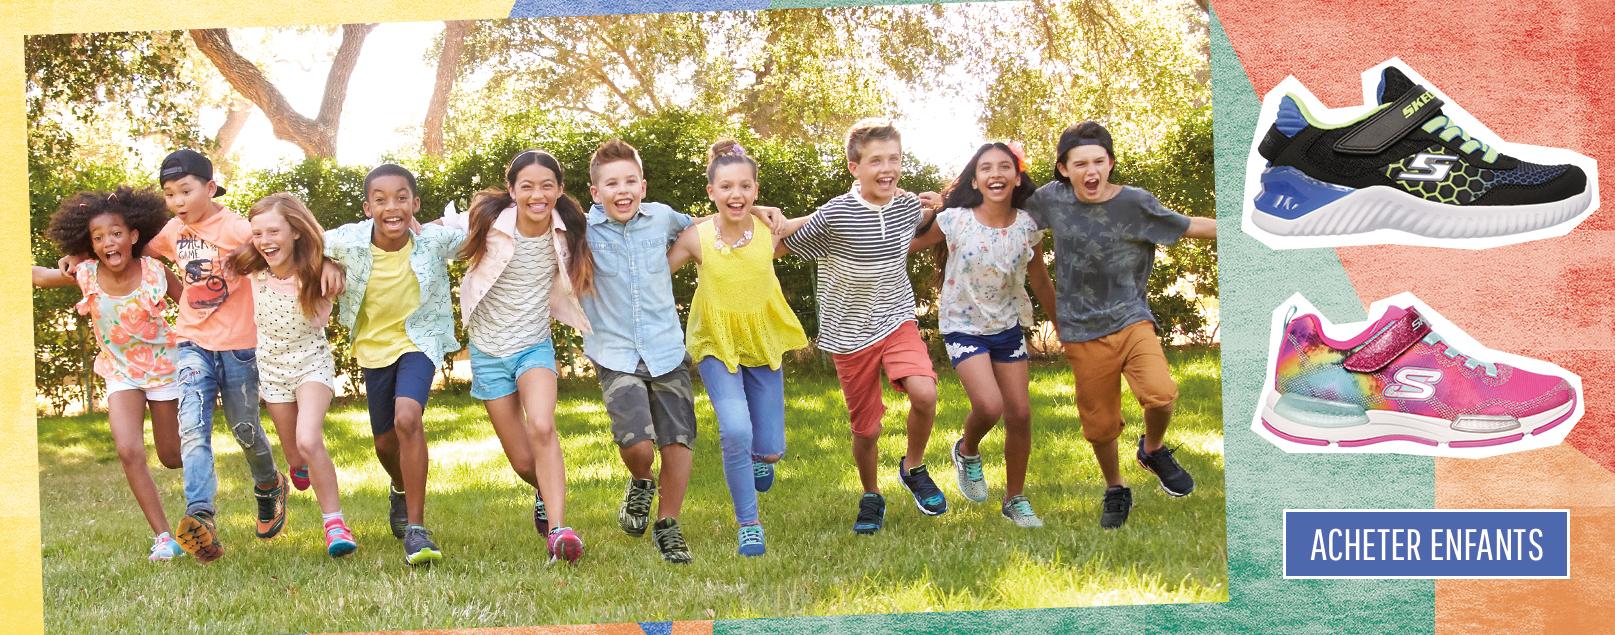 Chaussures Skechers Kids pour garçons et filles incluant des chaussures de type athlétiques, qui s'illuminent et Twinkle Toes.